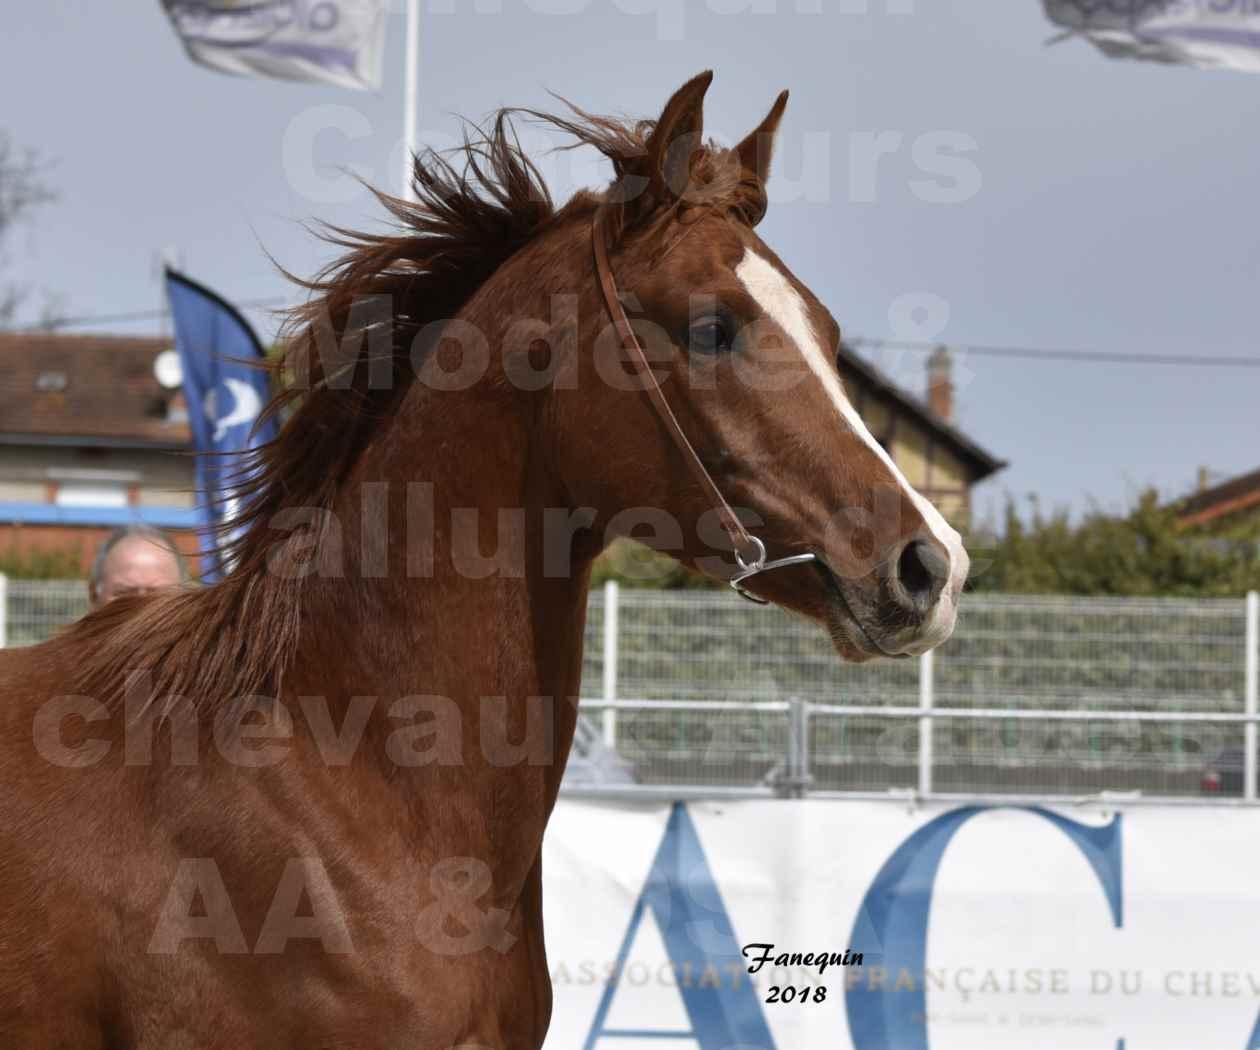 Concours d'élevage de Chevaux Arabes - D. S. A. - A. A. - ALBI les 6 & 7 Avril 2018 - FLEURON CONDO - Notre Sélection - Portraits - 2